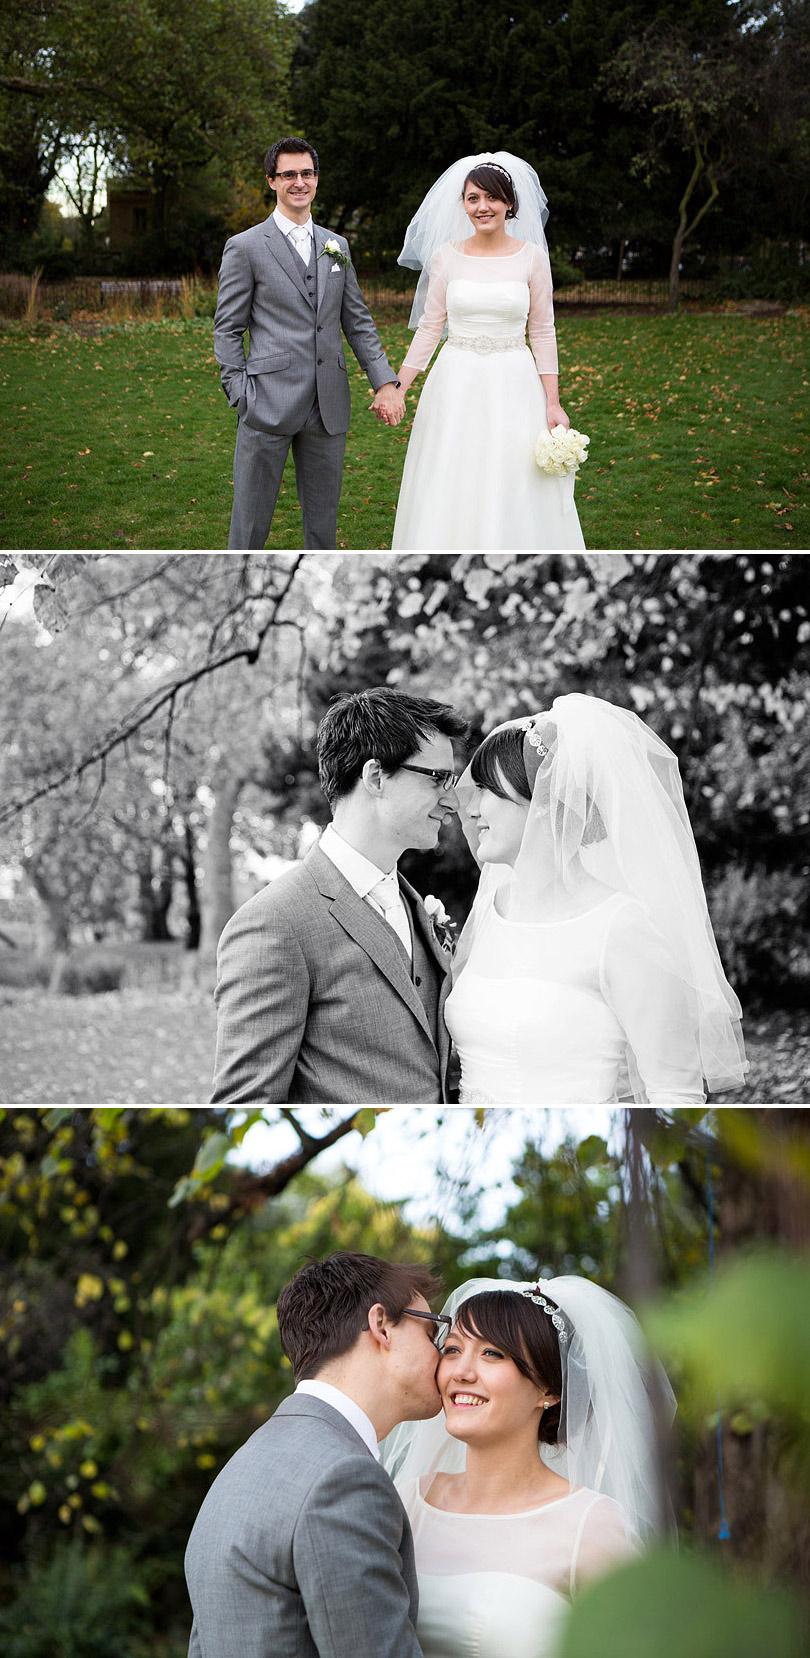 Village-Underground-Wedding-13.jpg